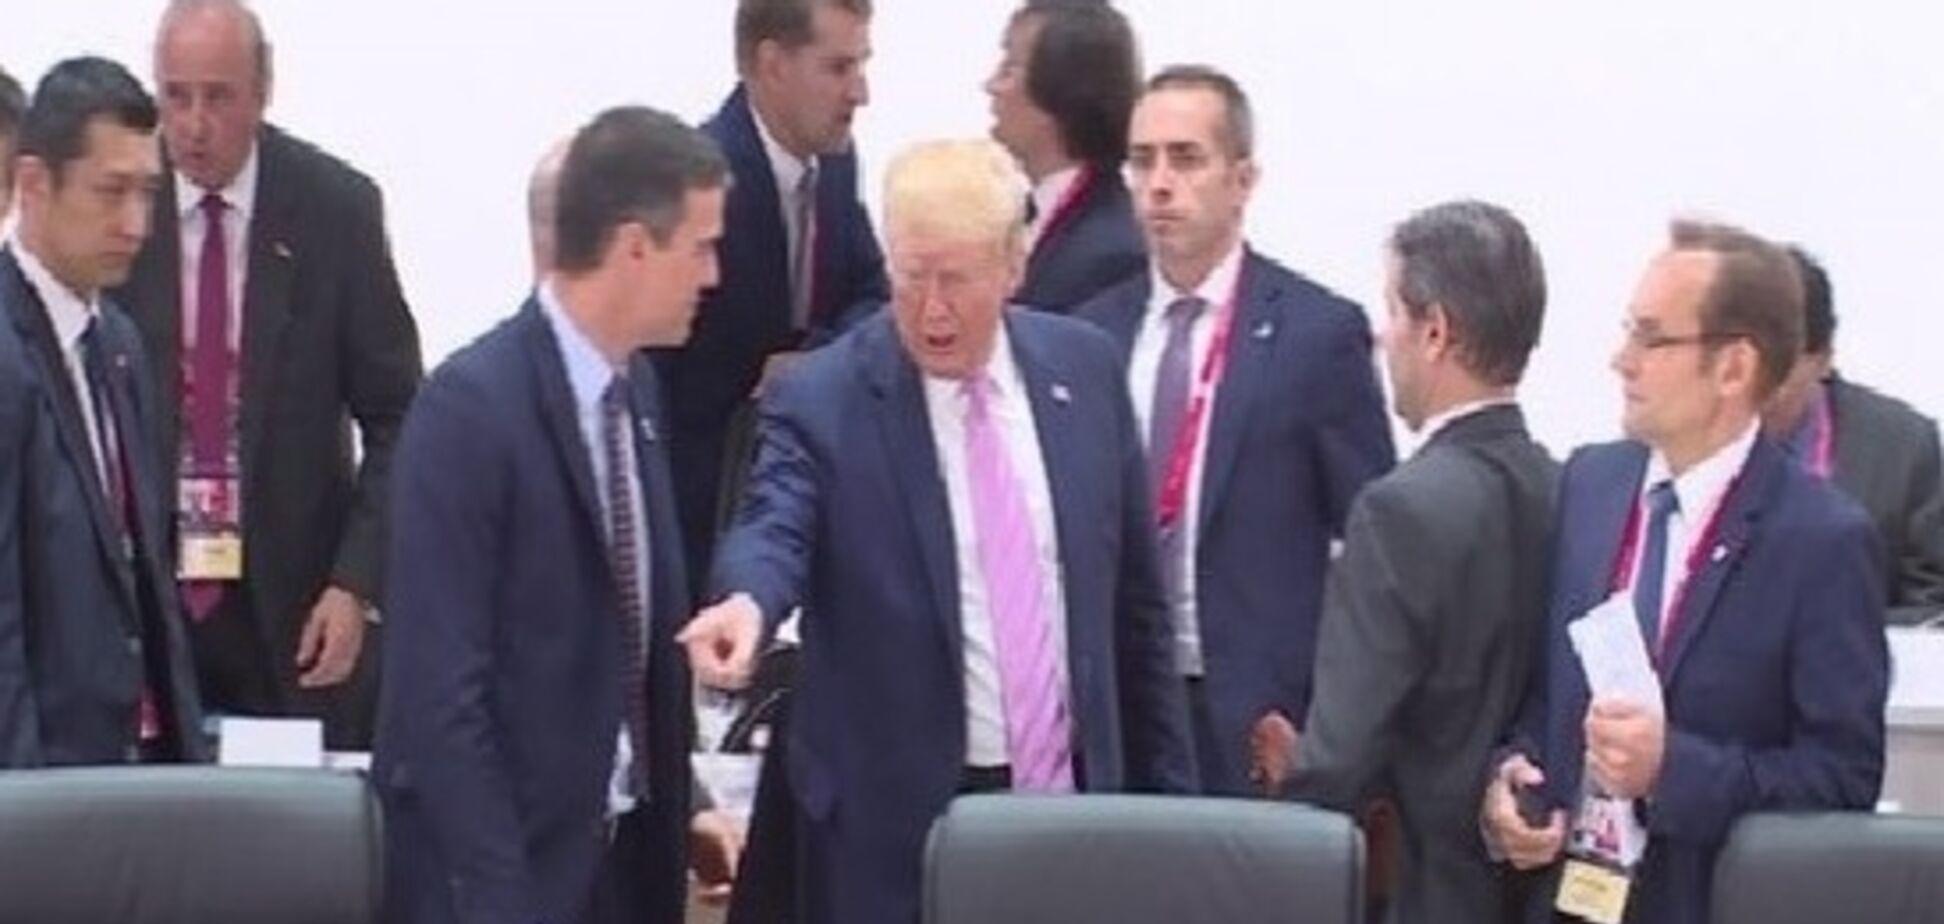 Трамп принизив прем'єра Іспанії